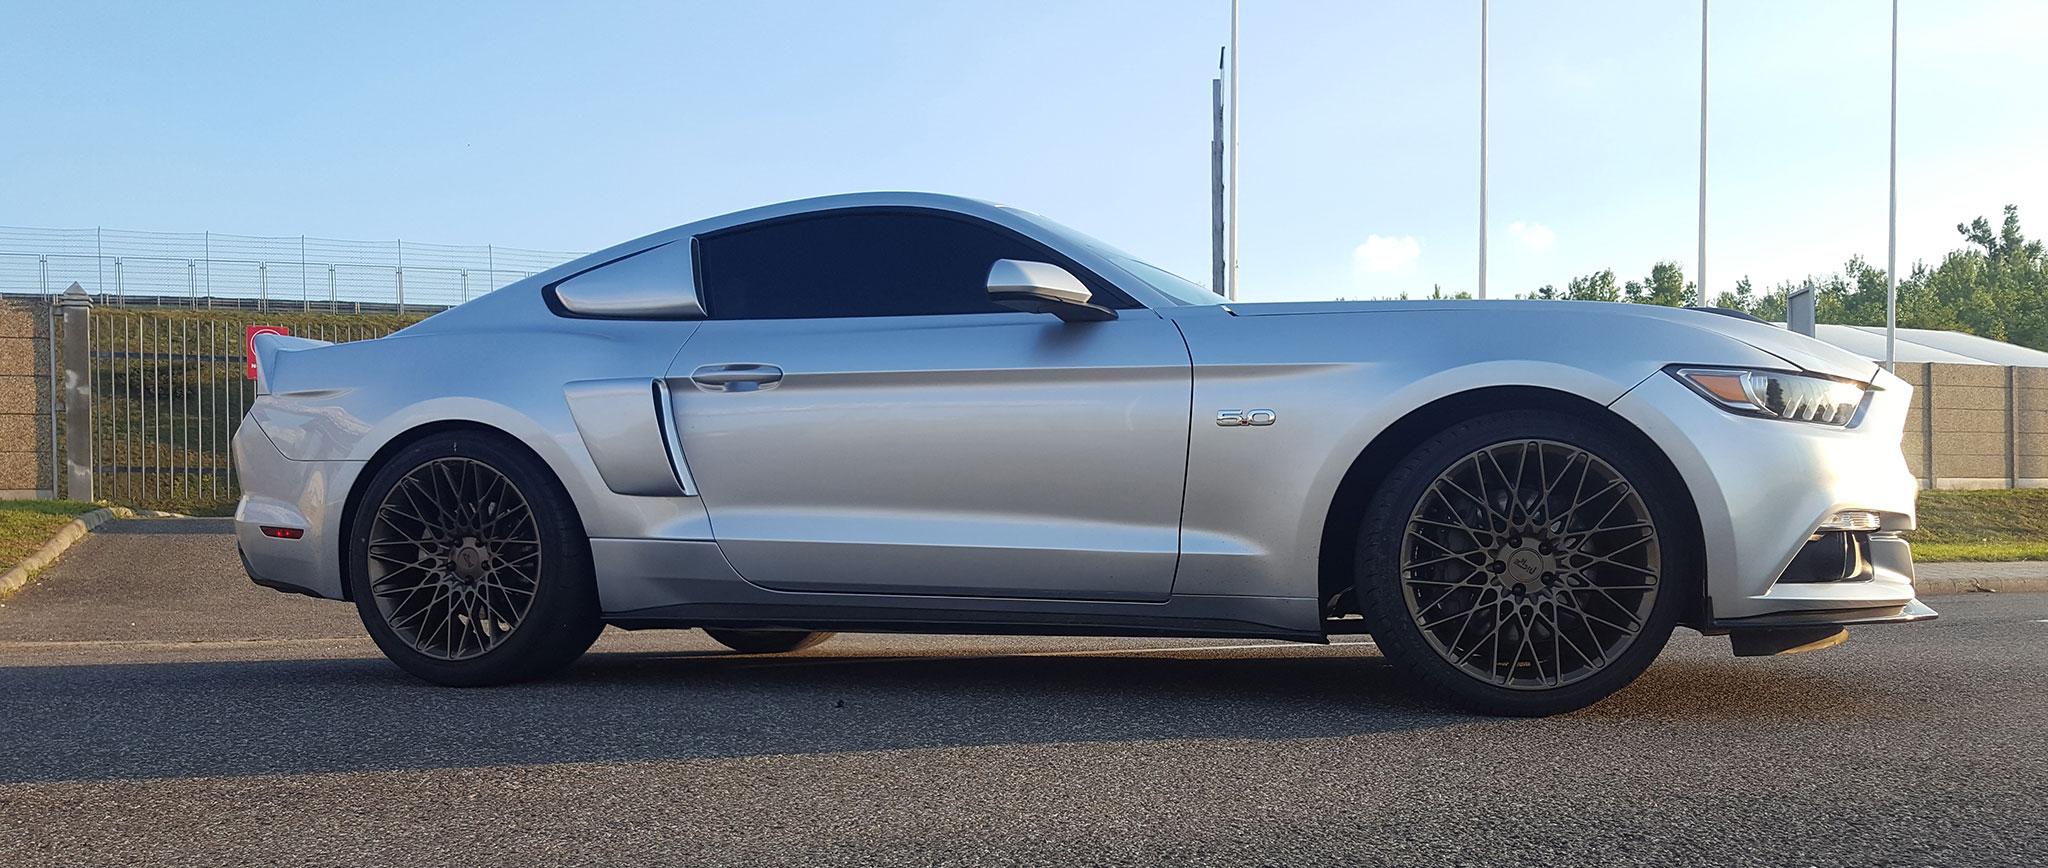 Mustang Eleanor élményvezetés a Kakucsringen